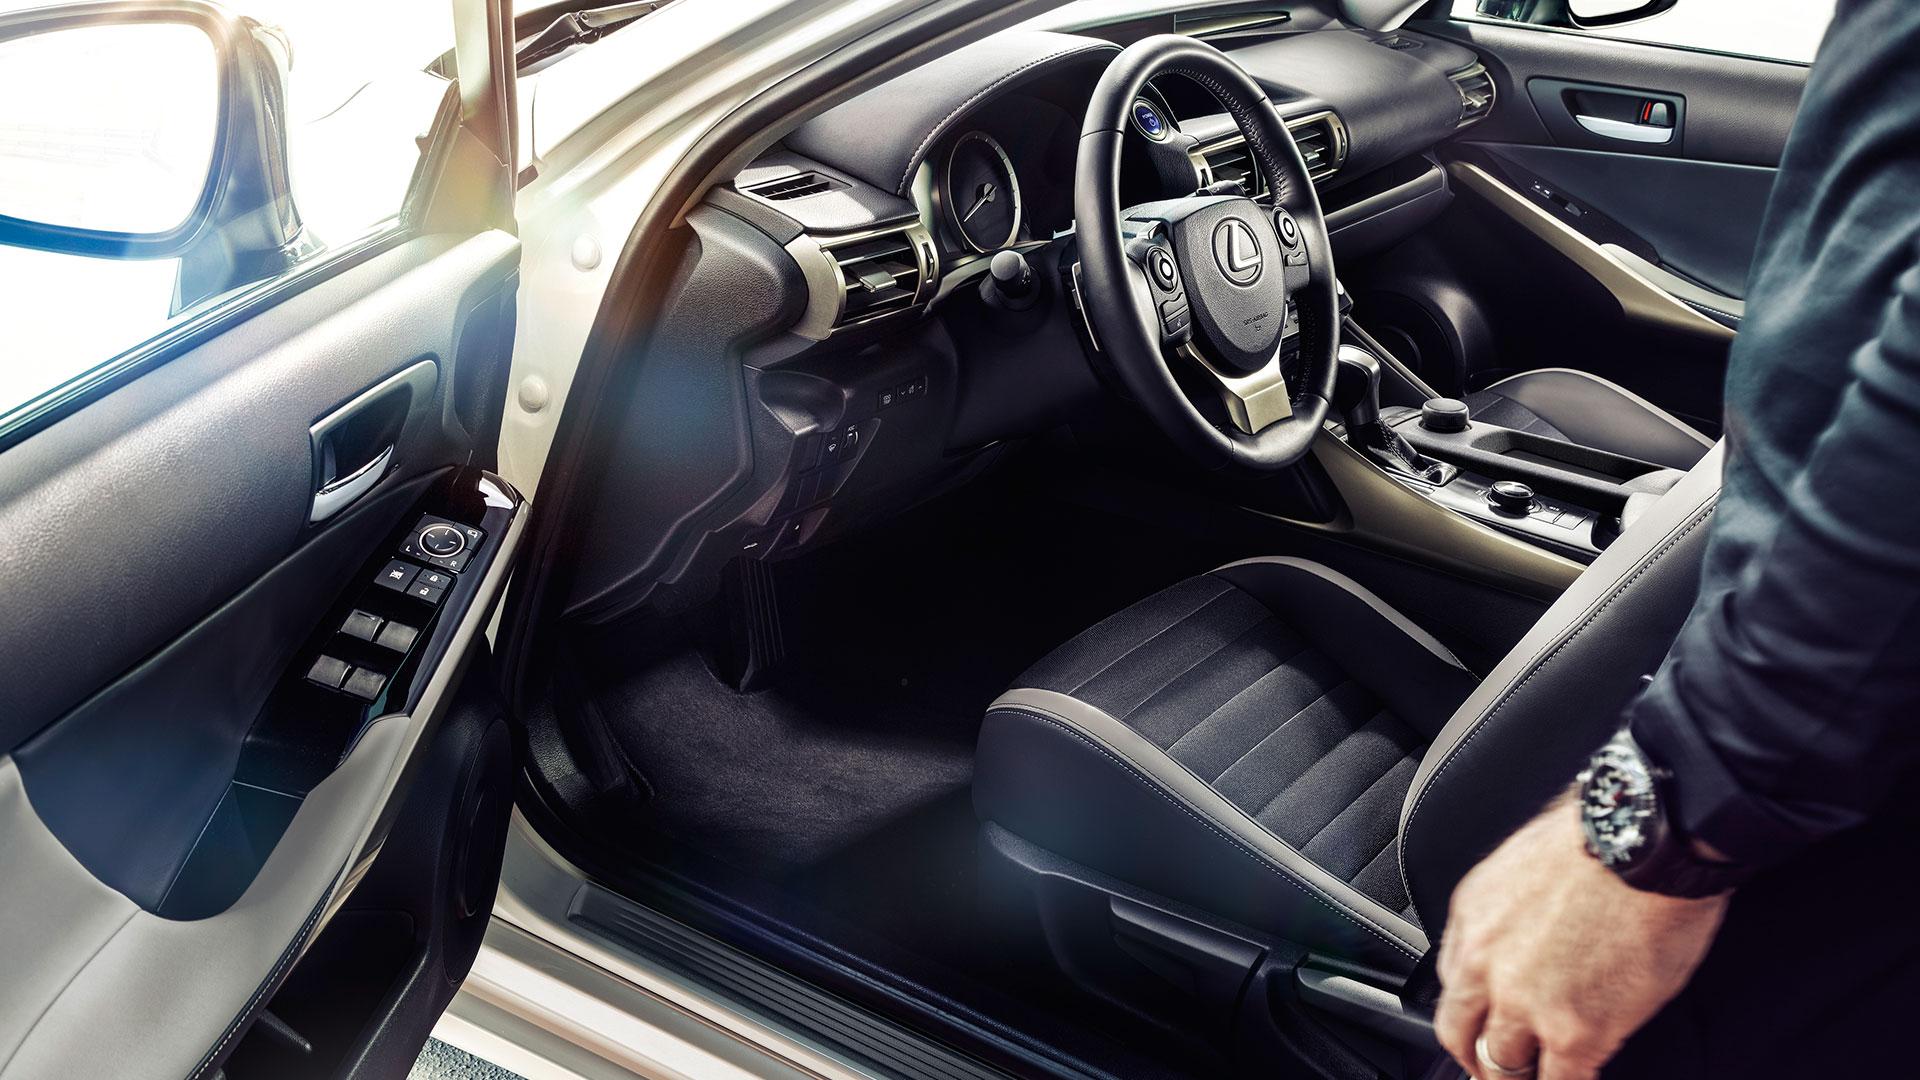 Lexus Climate Concierge hero asset